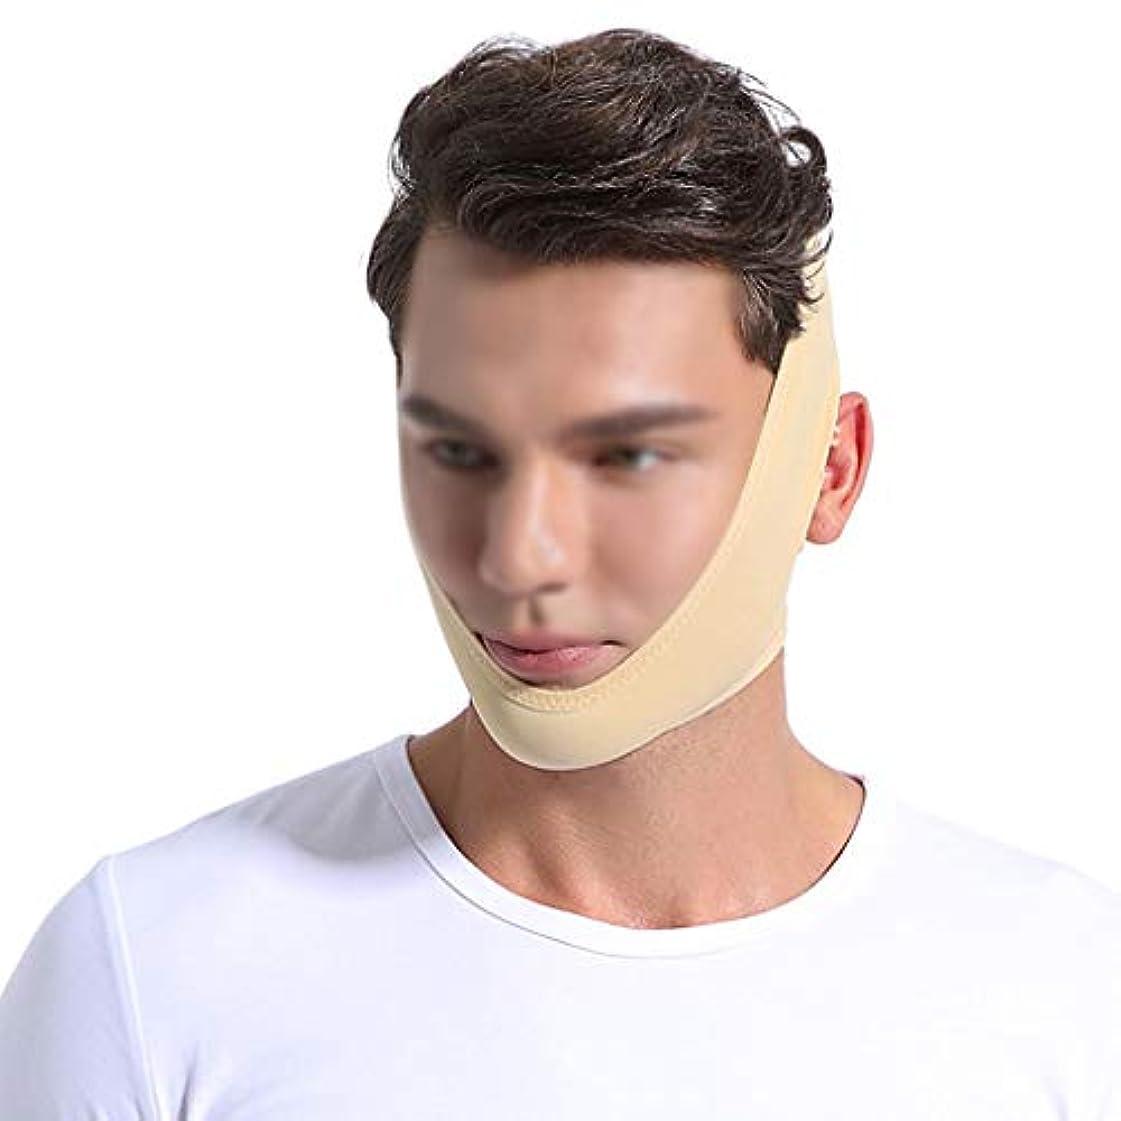 本気城キャンパスXHLMRMJ 医療ワイヤーカービング、男性と女性の顔の弾性包帯ヘッドギア結ばれた小さなV顔薄いフェイスマスクを結んだ後リフティングマスクを再開